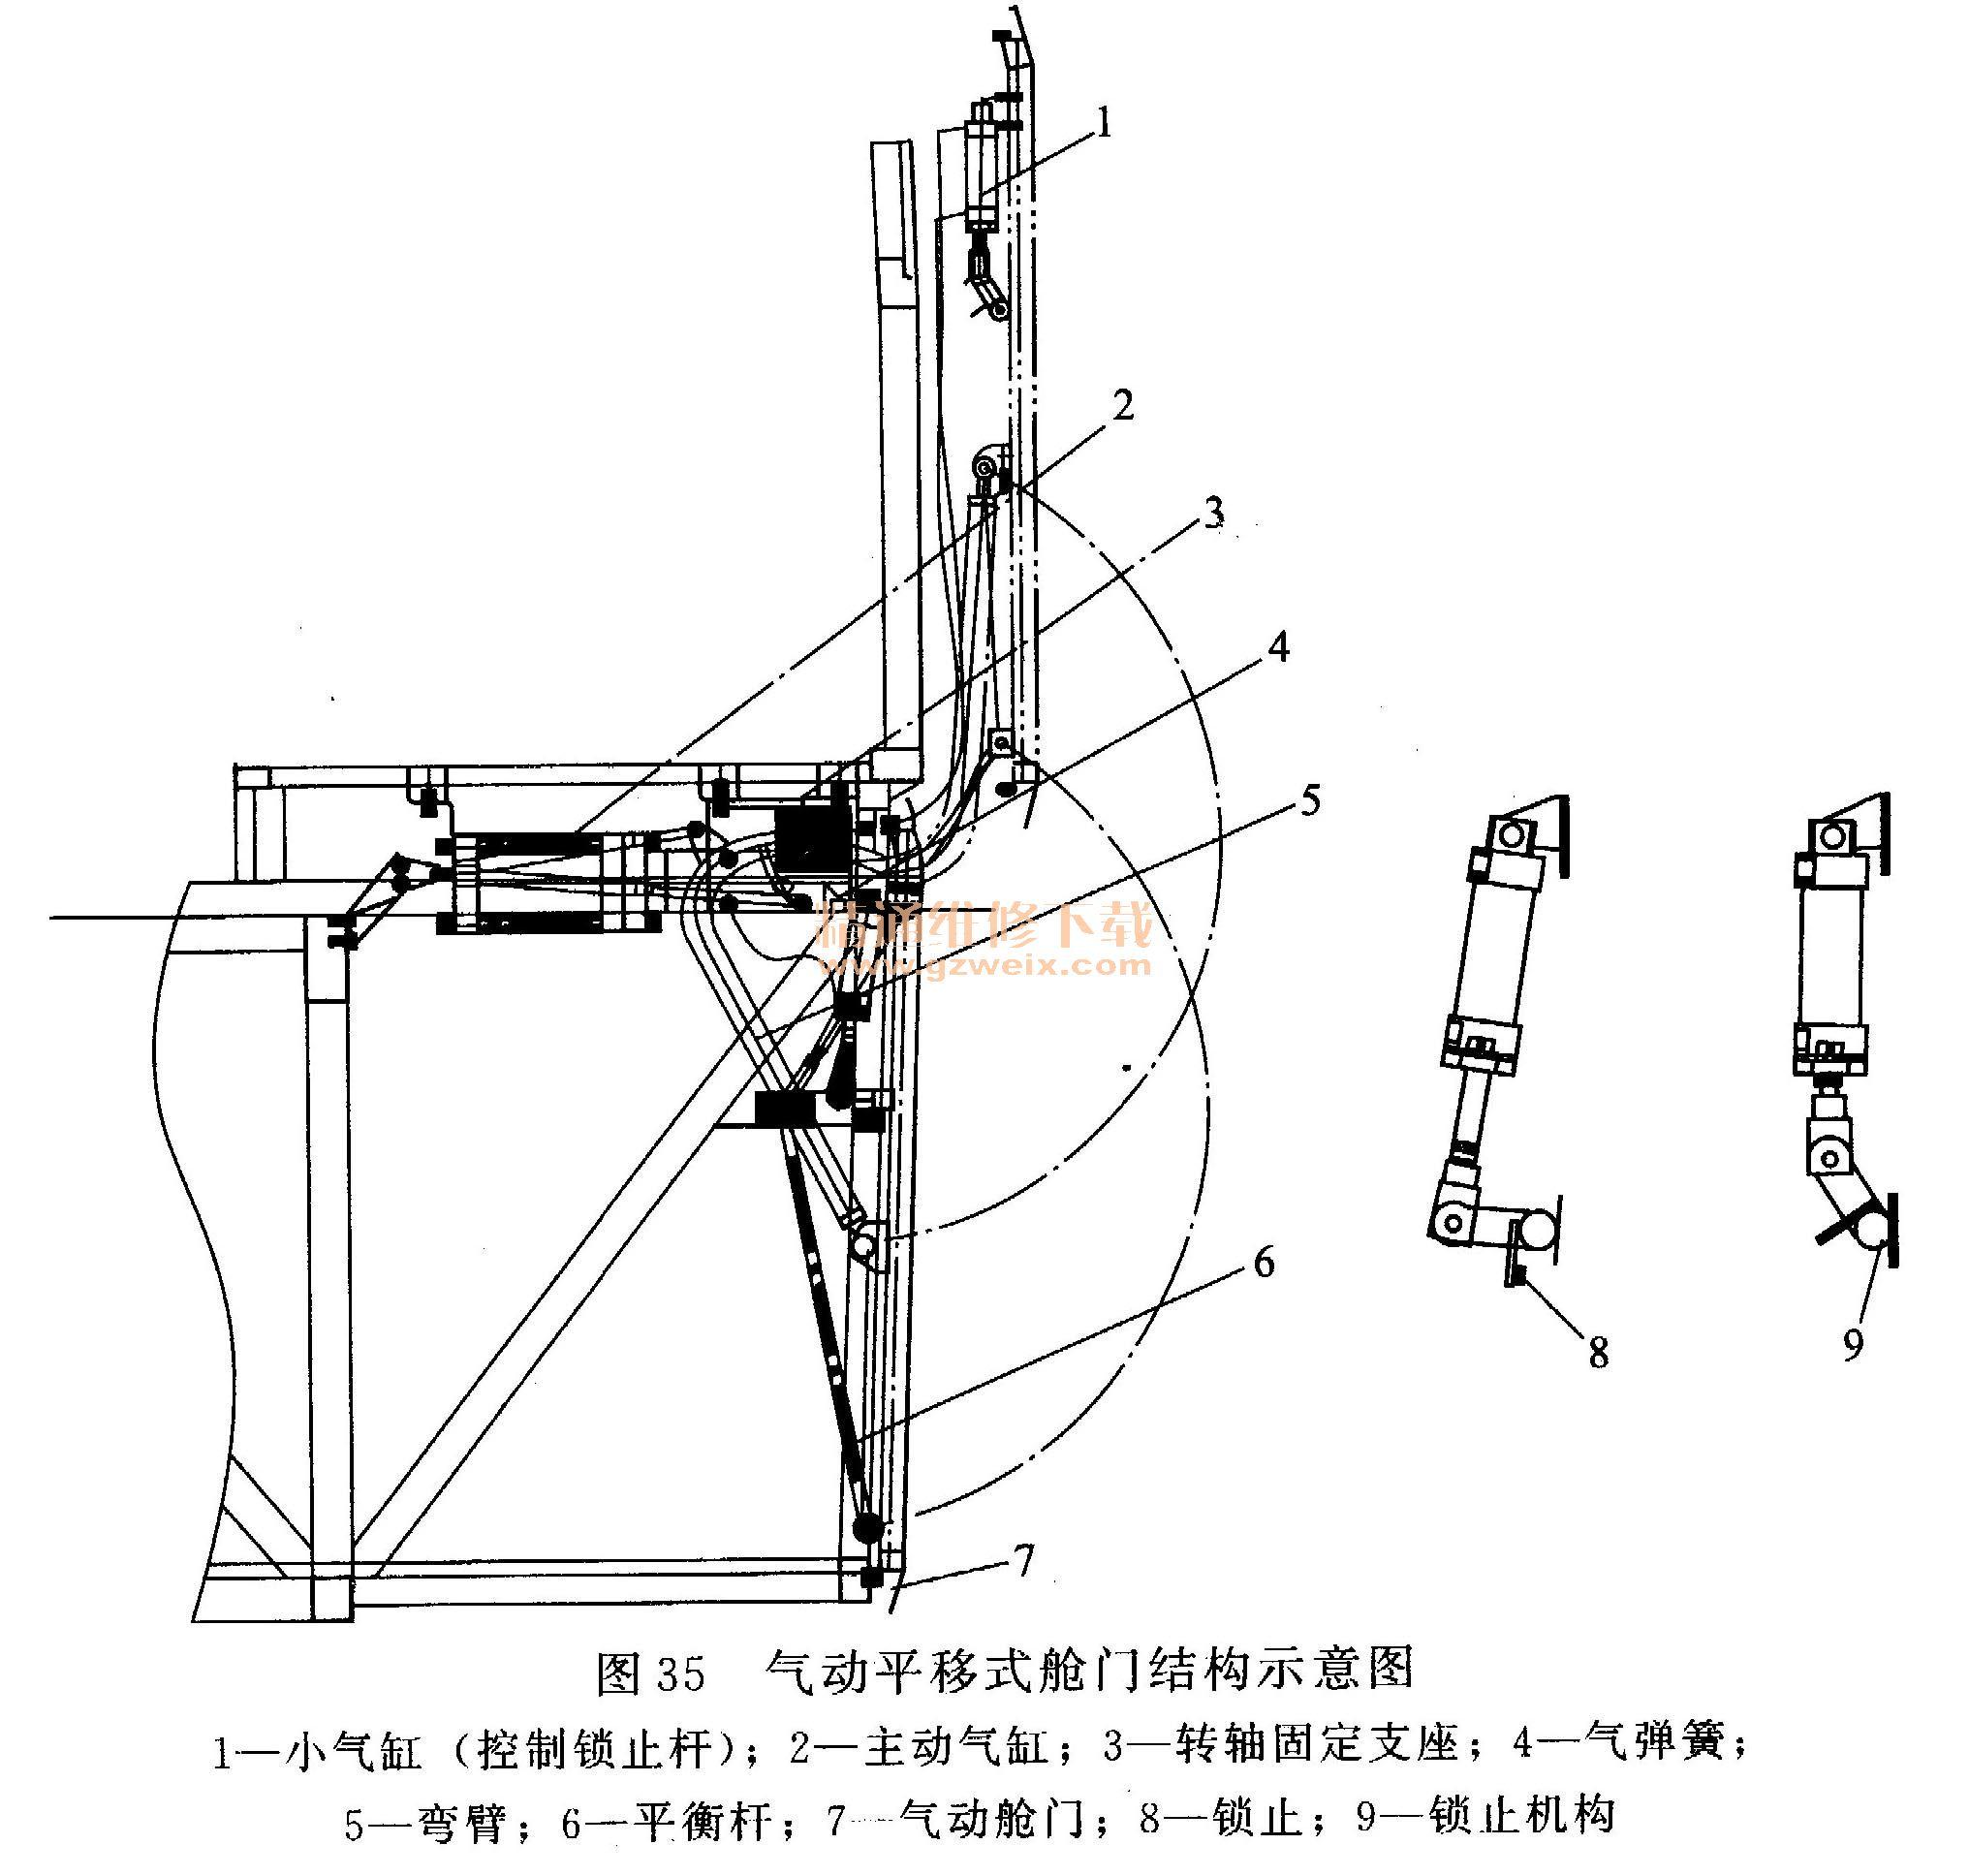 气动平移式行李舱门是通过主动气缸自动通气后的外力作用来实现图片